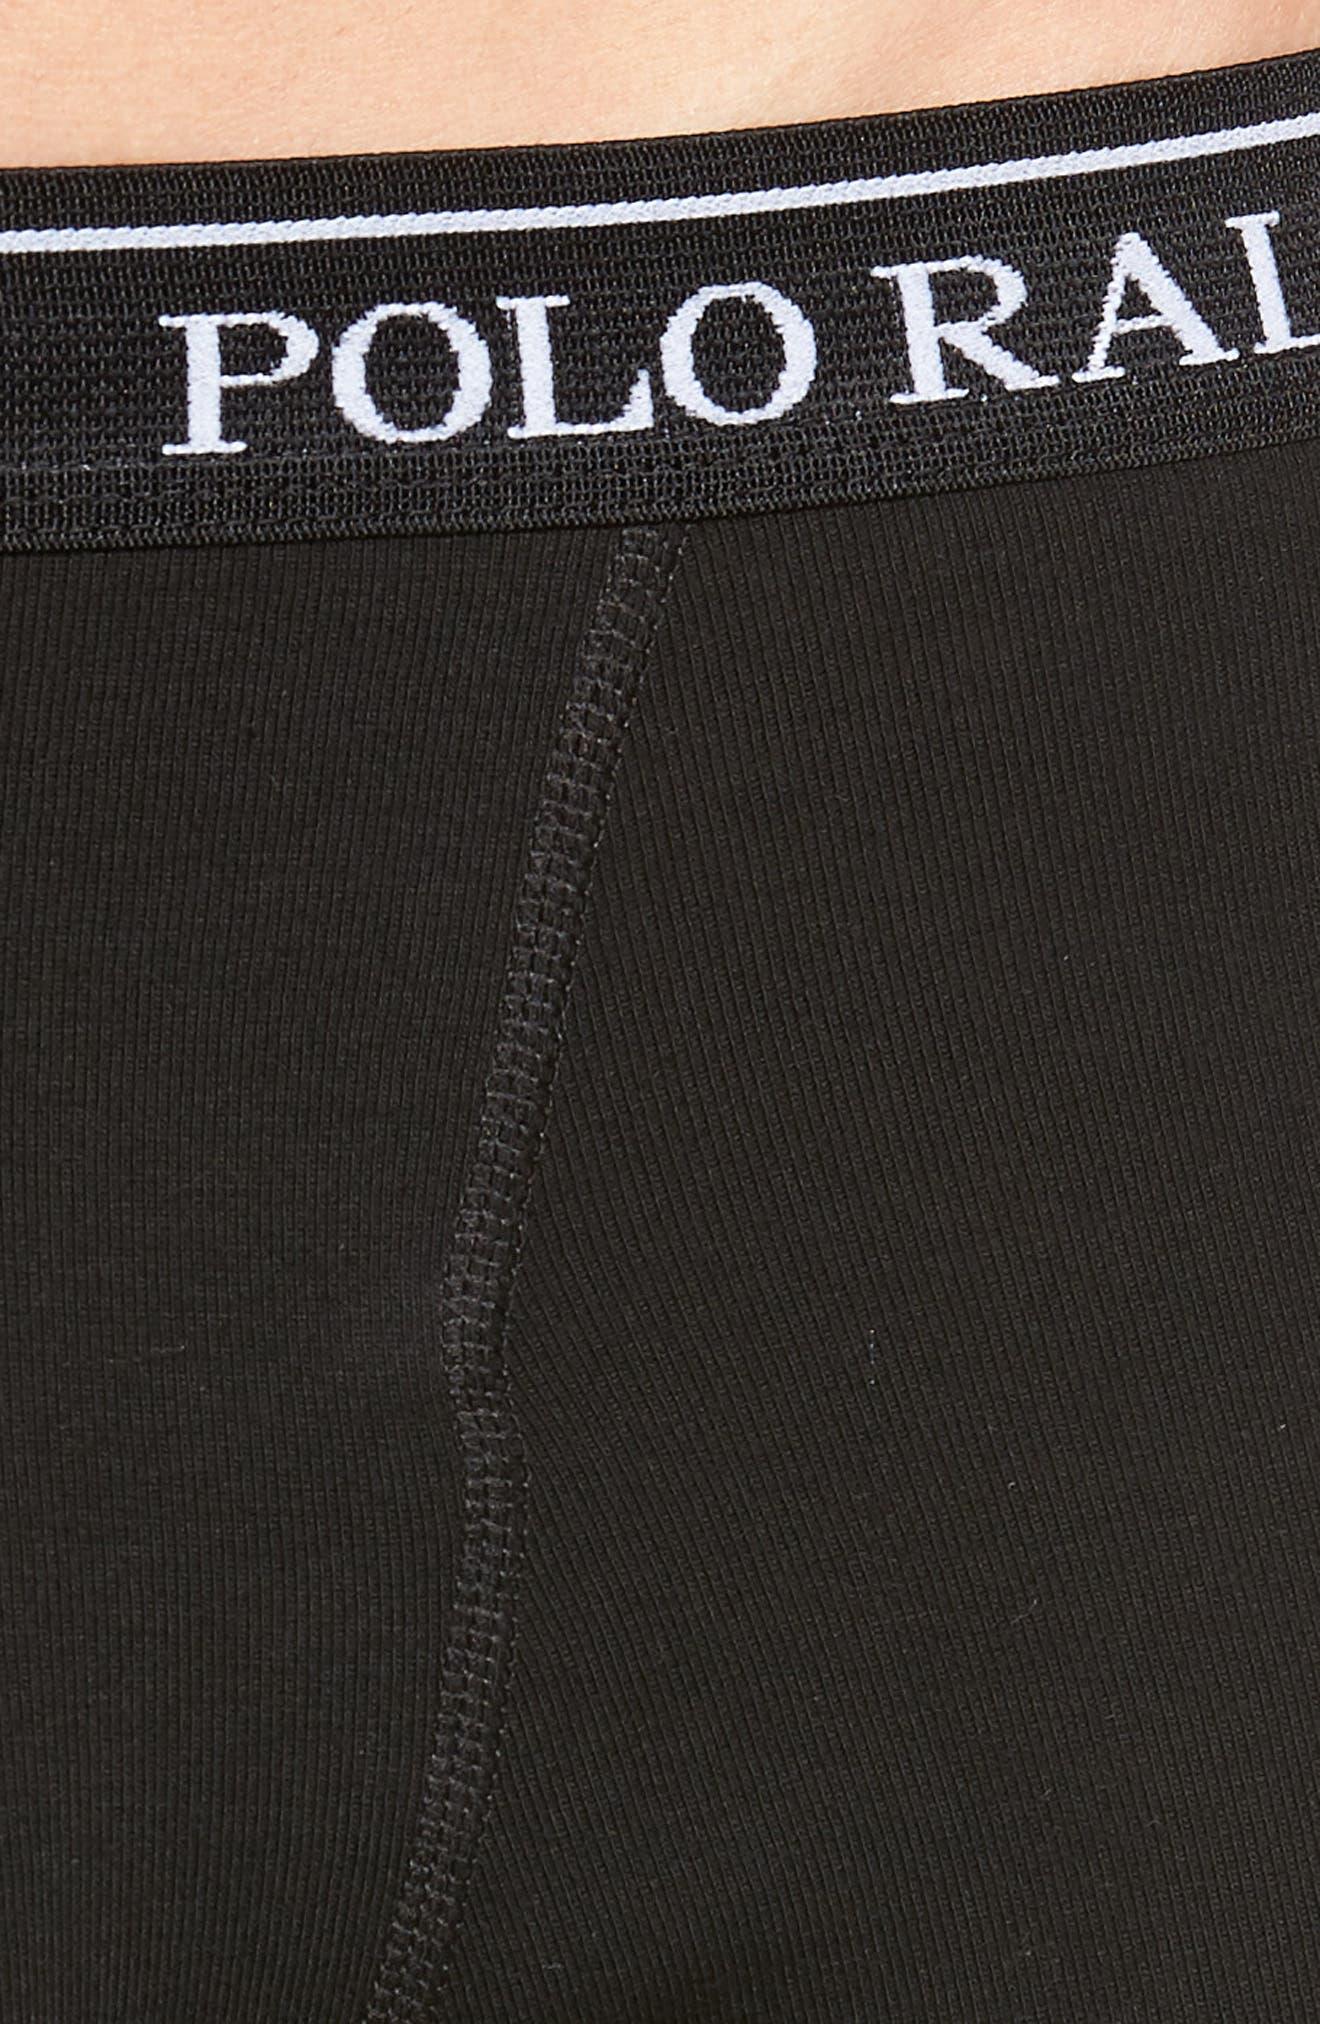 LAUREN RALPH LAUREN, Polo Ralph Lauren 3-Pack Cotton Boxer Briefs, Alternate thumbnail 5, color, POLO BLACK